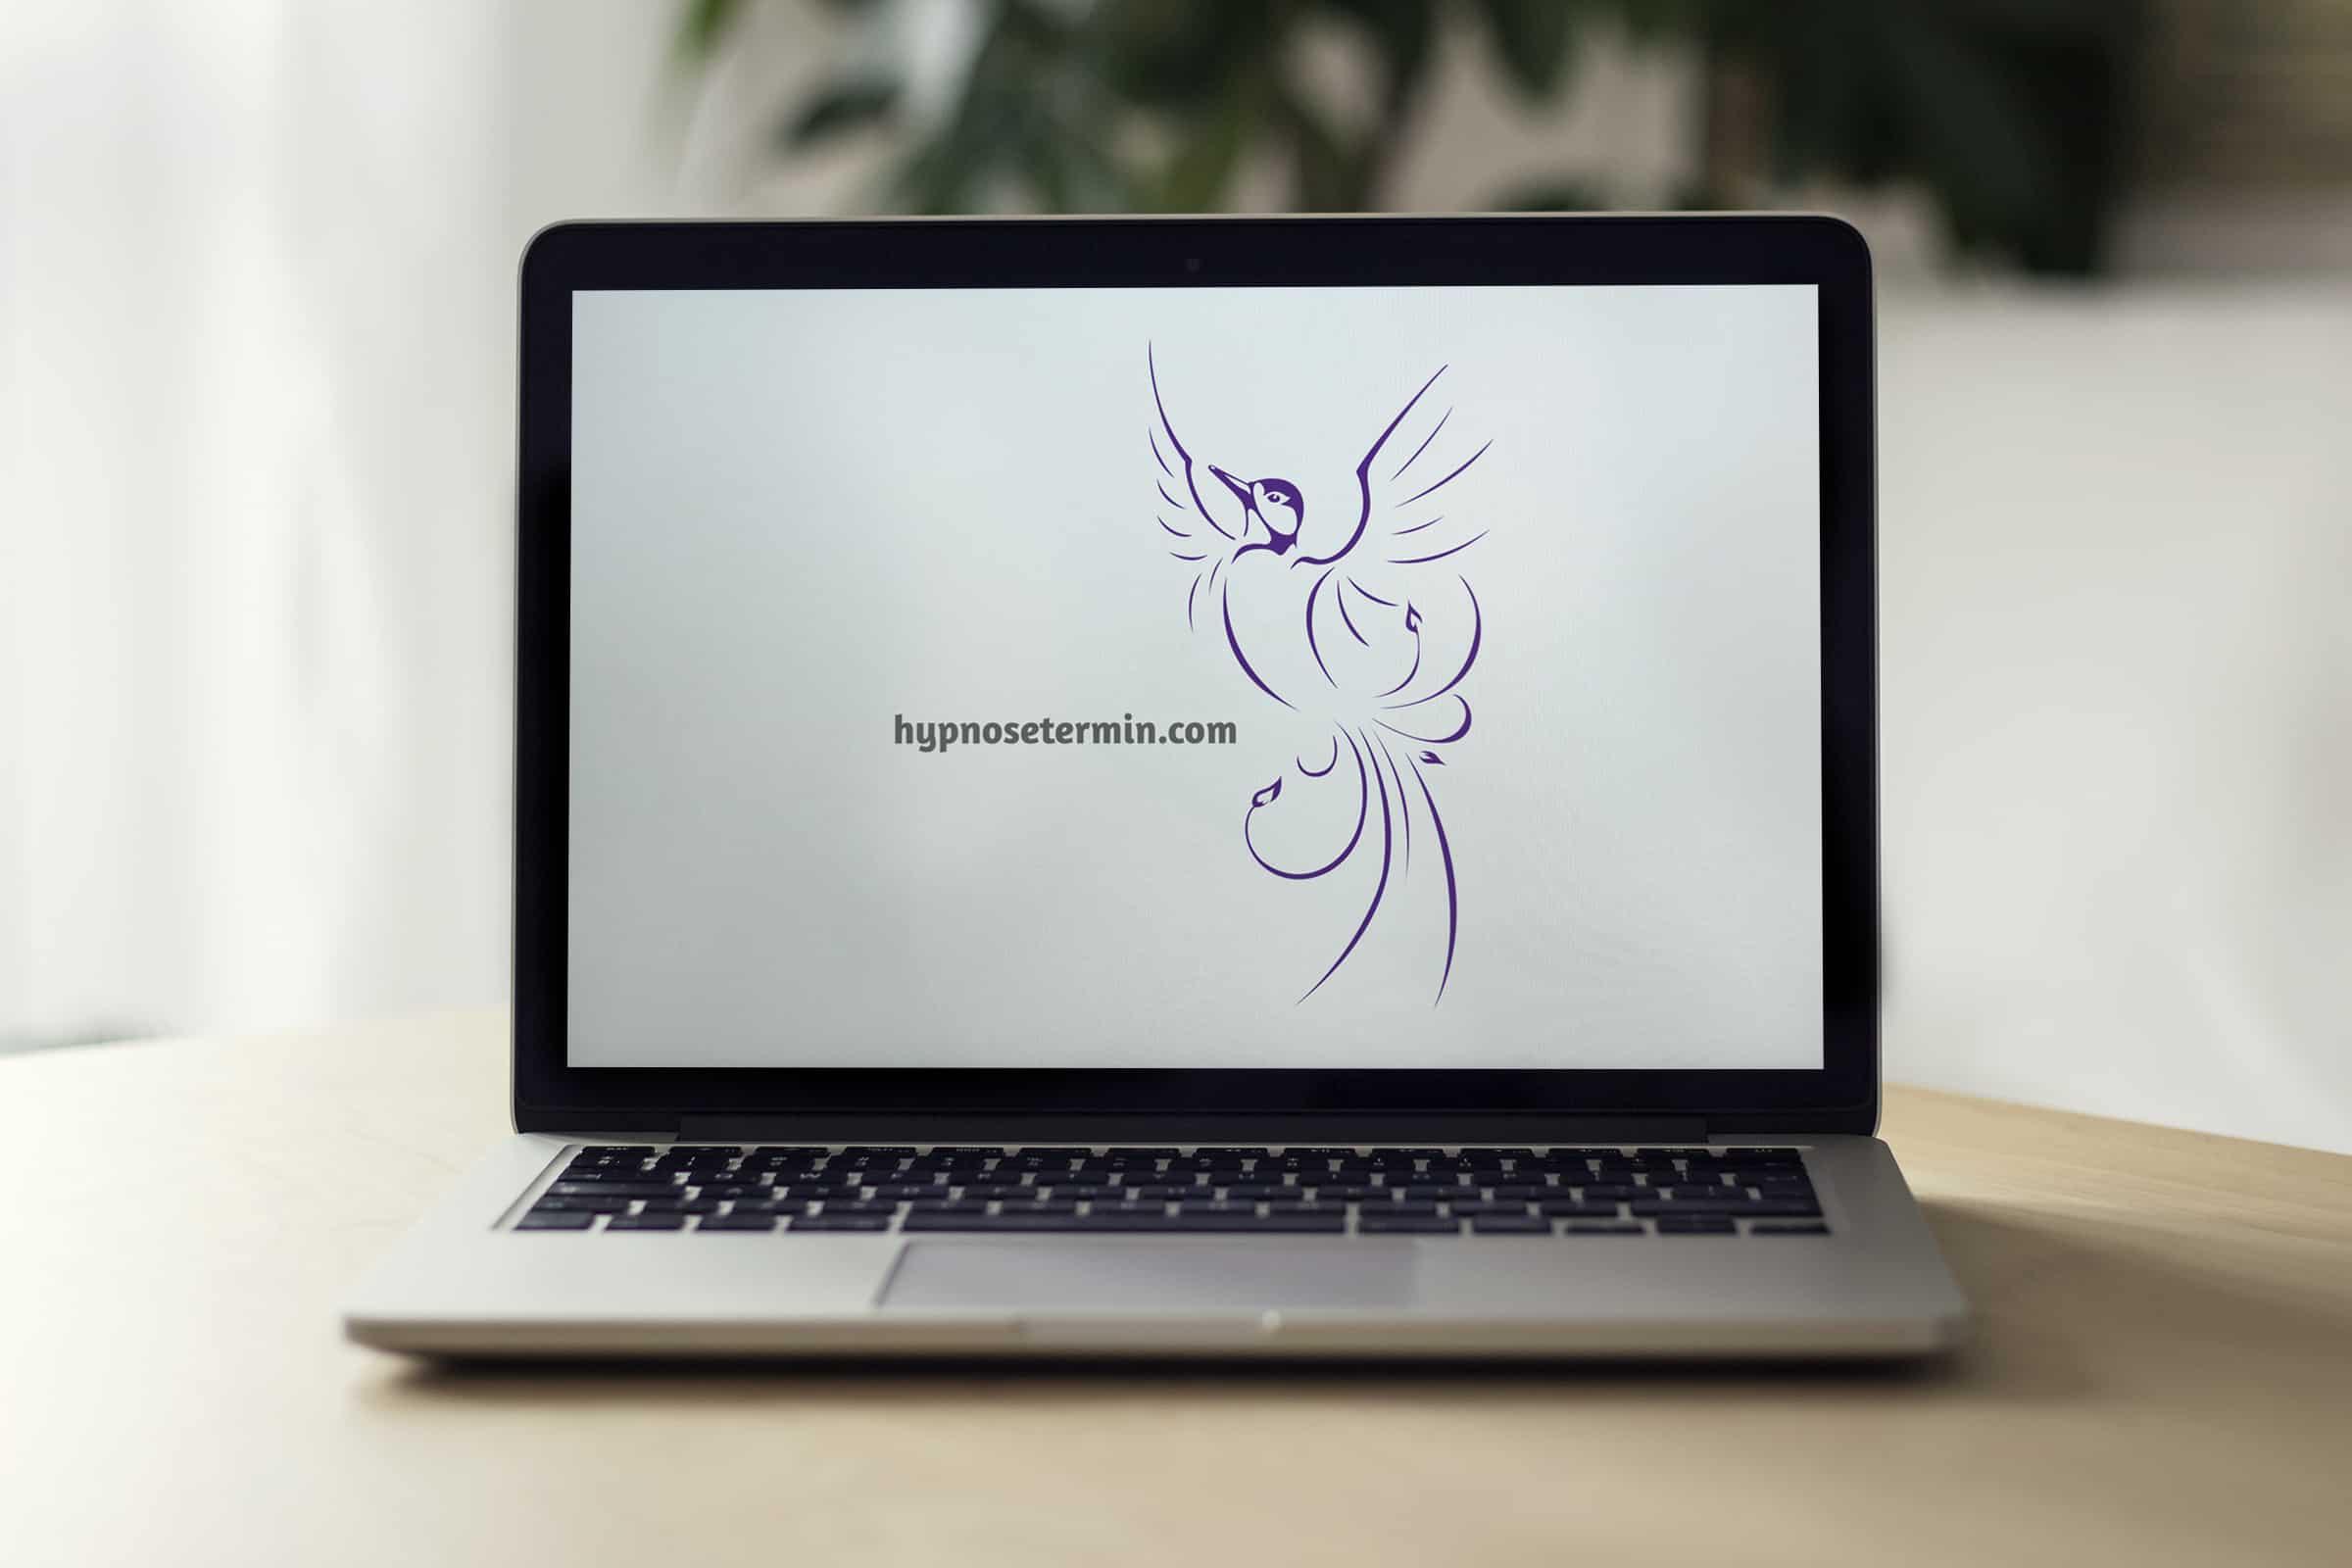 Aufgeklapptes Macbook auf Tisch zeigt Website hypnosetermin.com bei Hypnose Hamburg